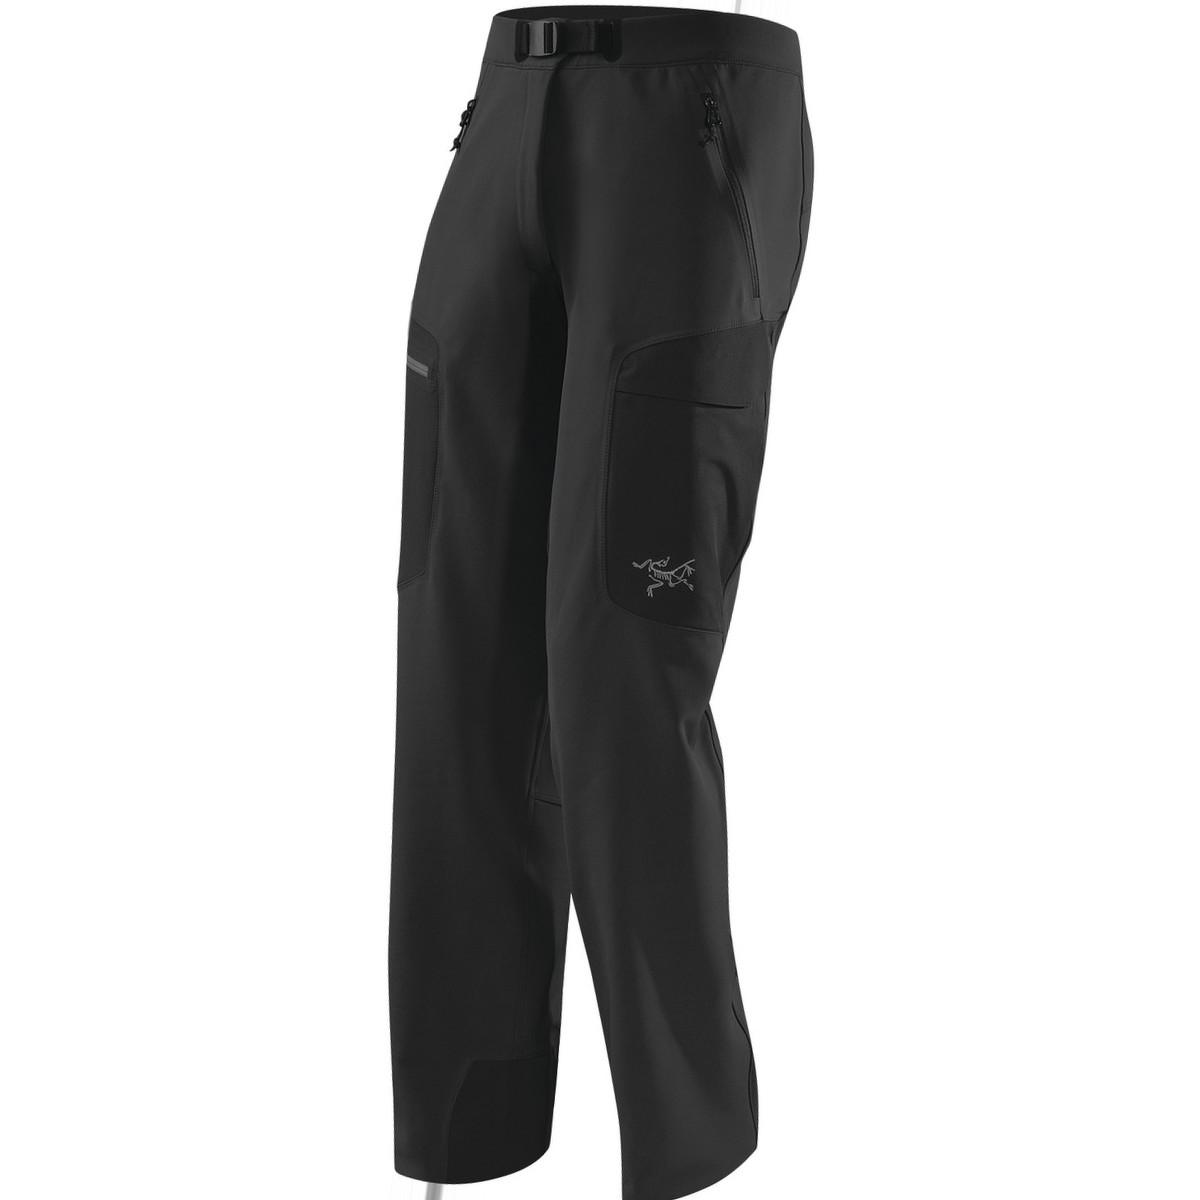 Arc'teryx Gamma MX Softshell Pant - Men's